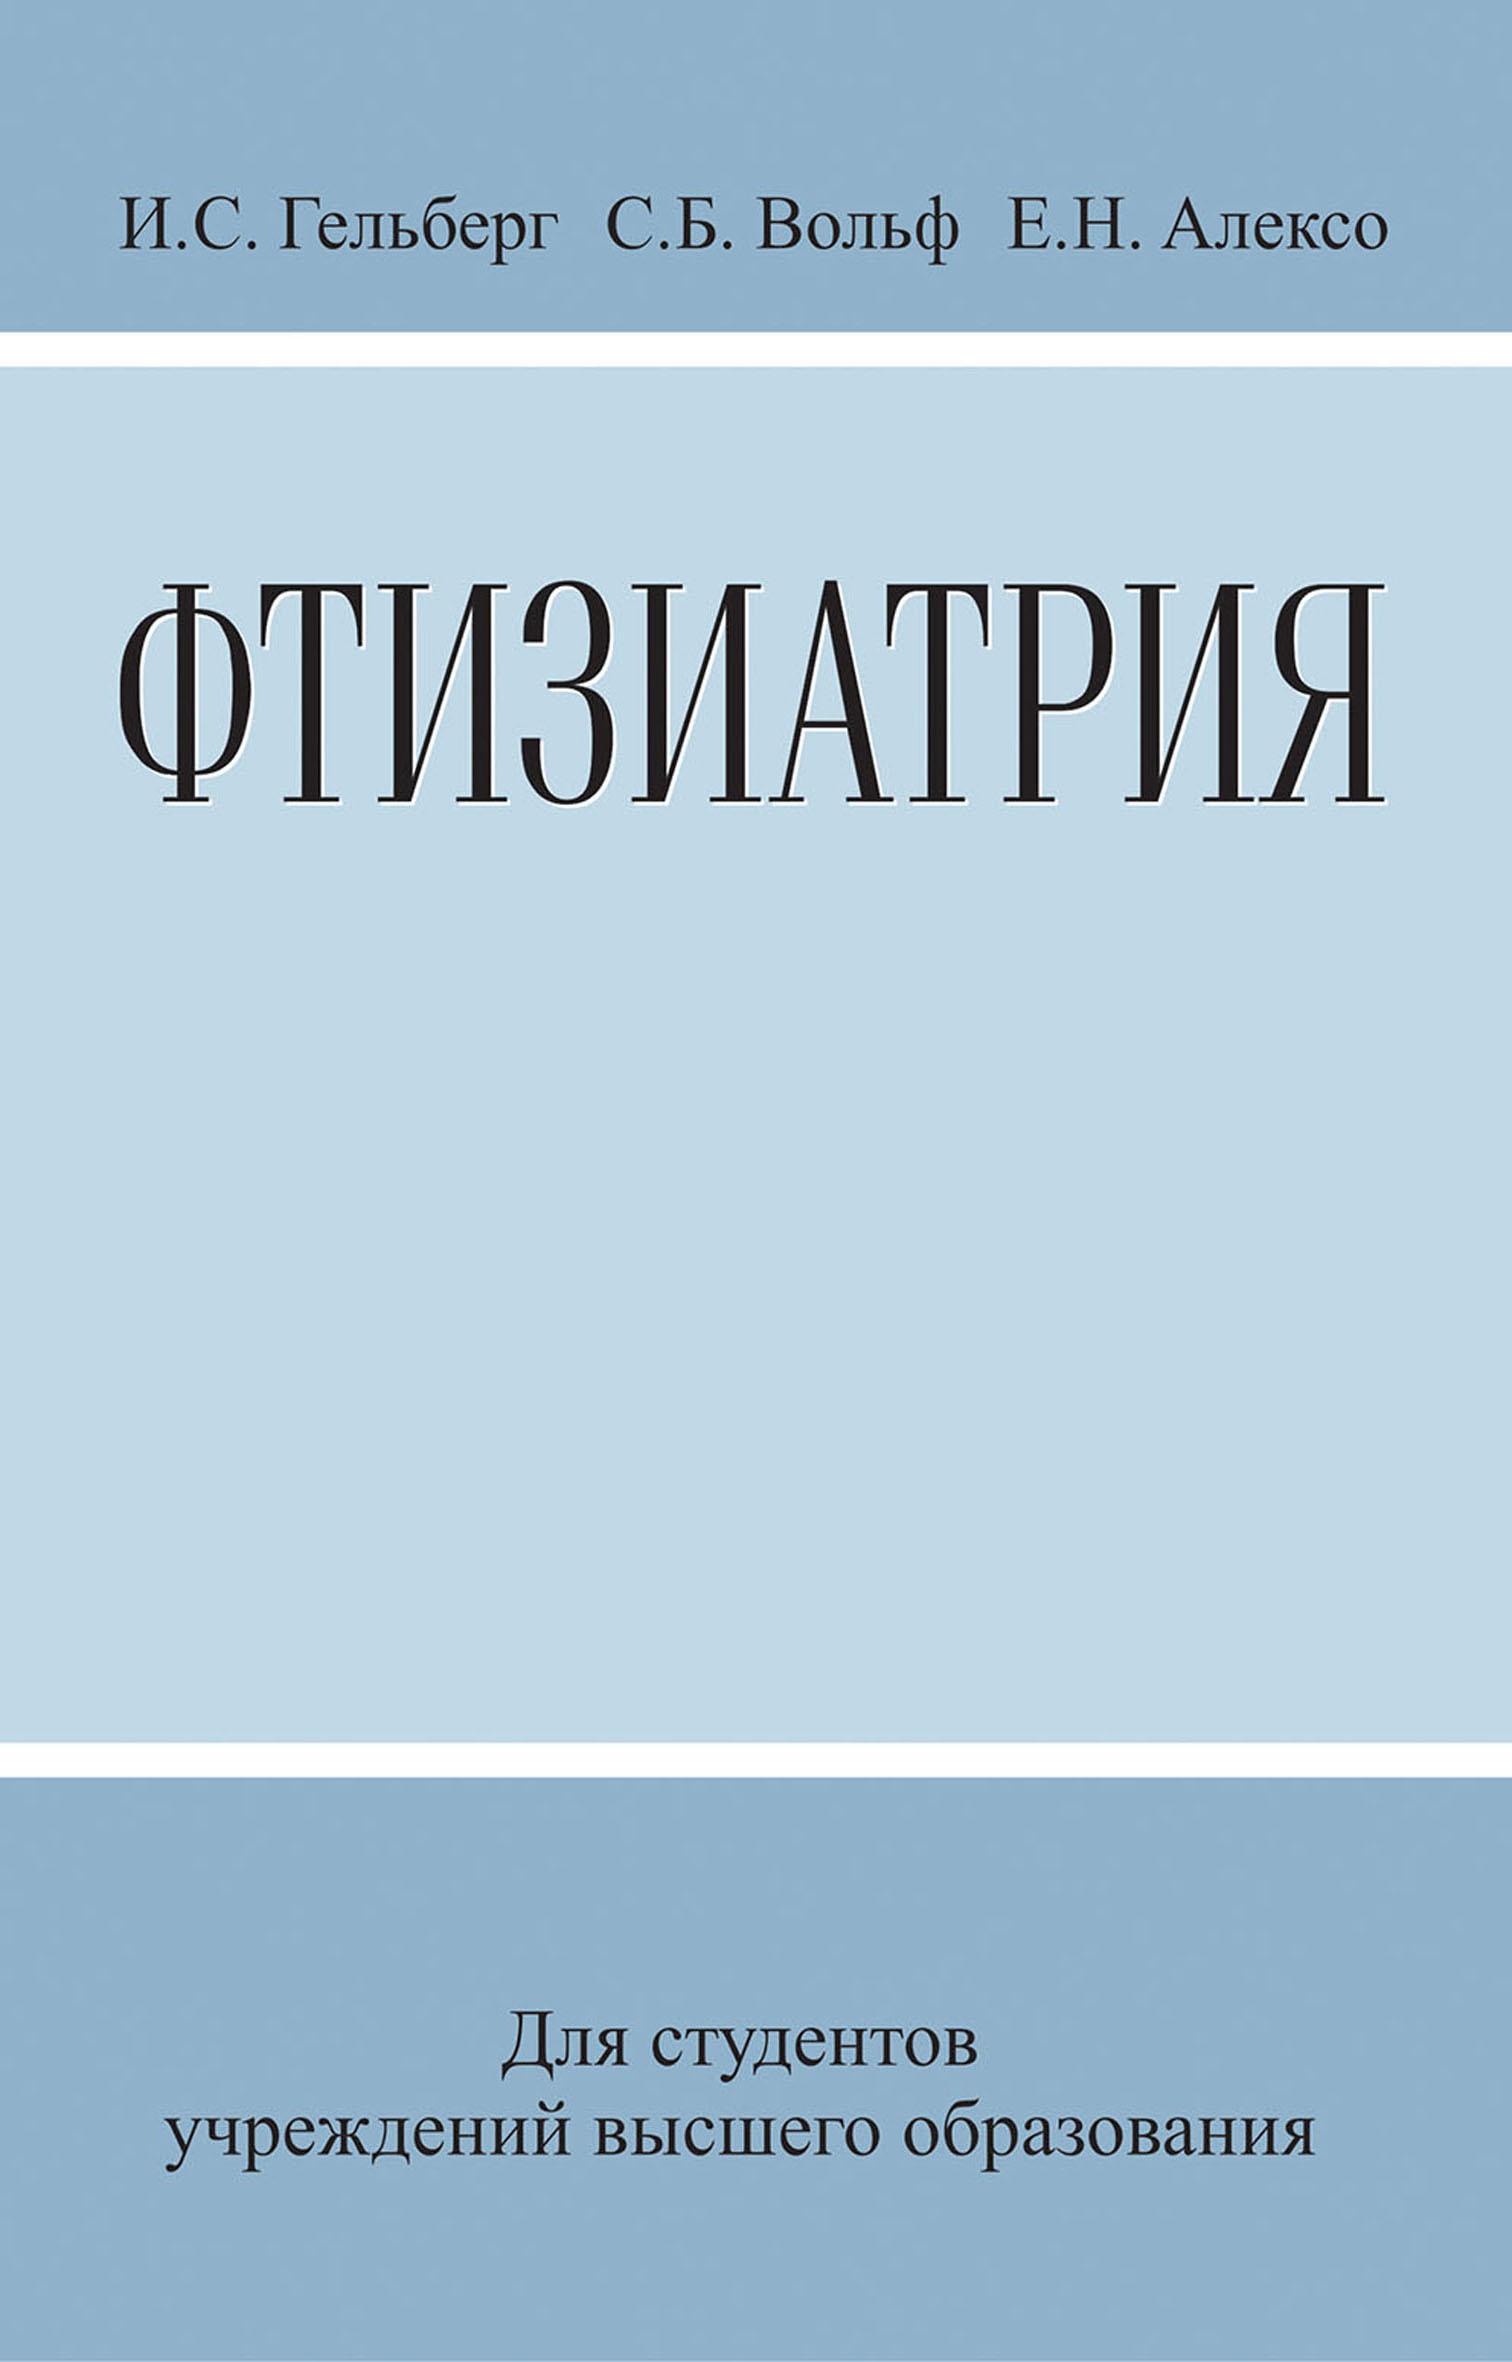 Фтизиатрия ( И. С. Гельберг  )